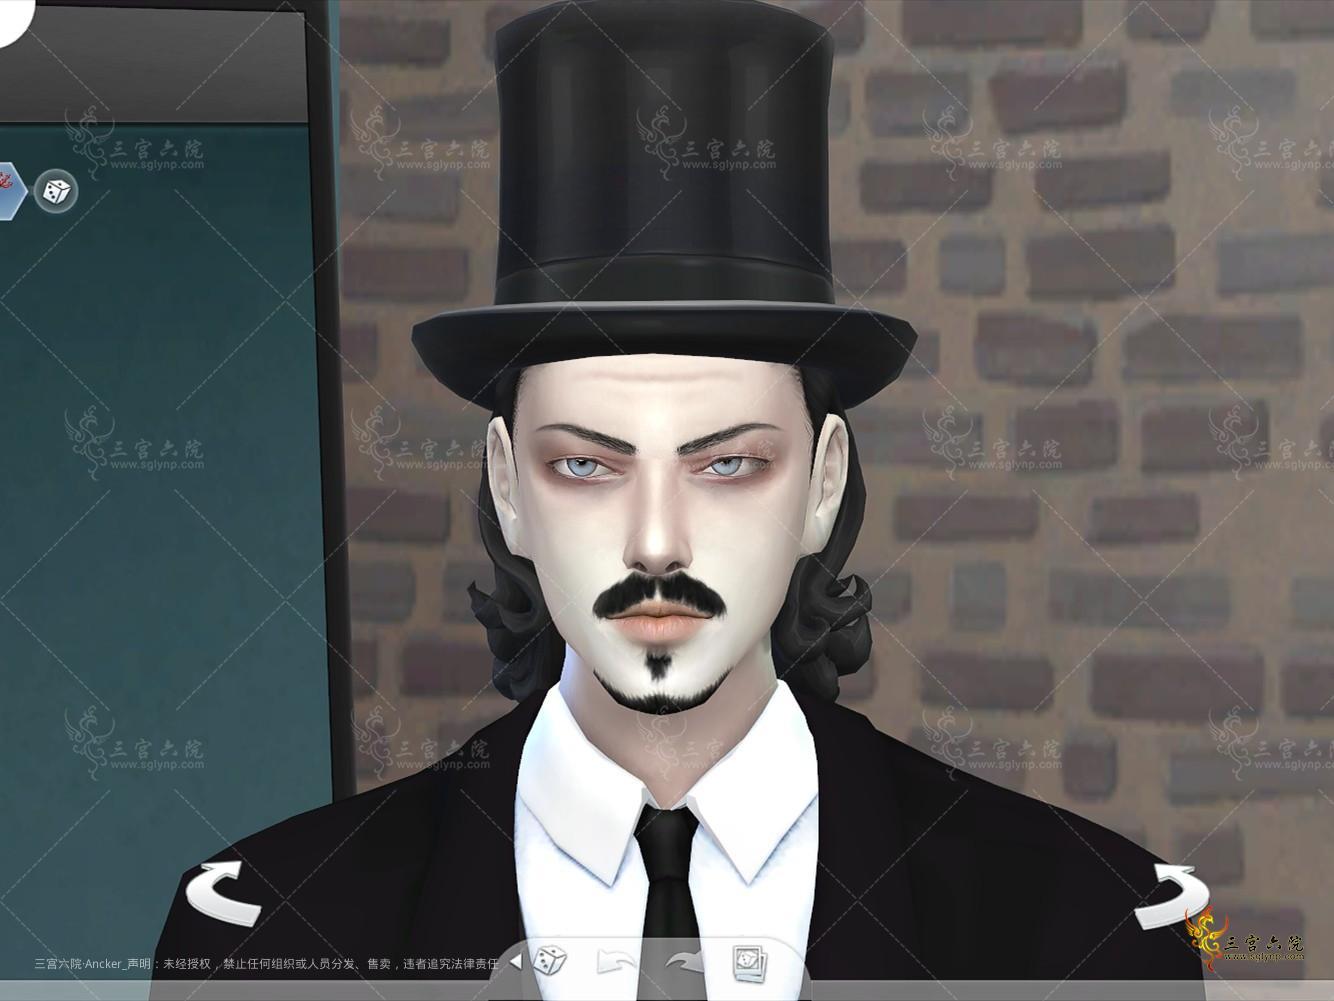 Sims 4 Screenshot 2021.09.01 - 22.30.17.26_副本.png